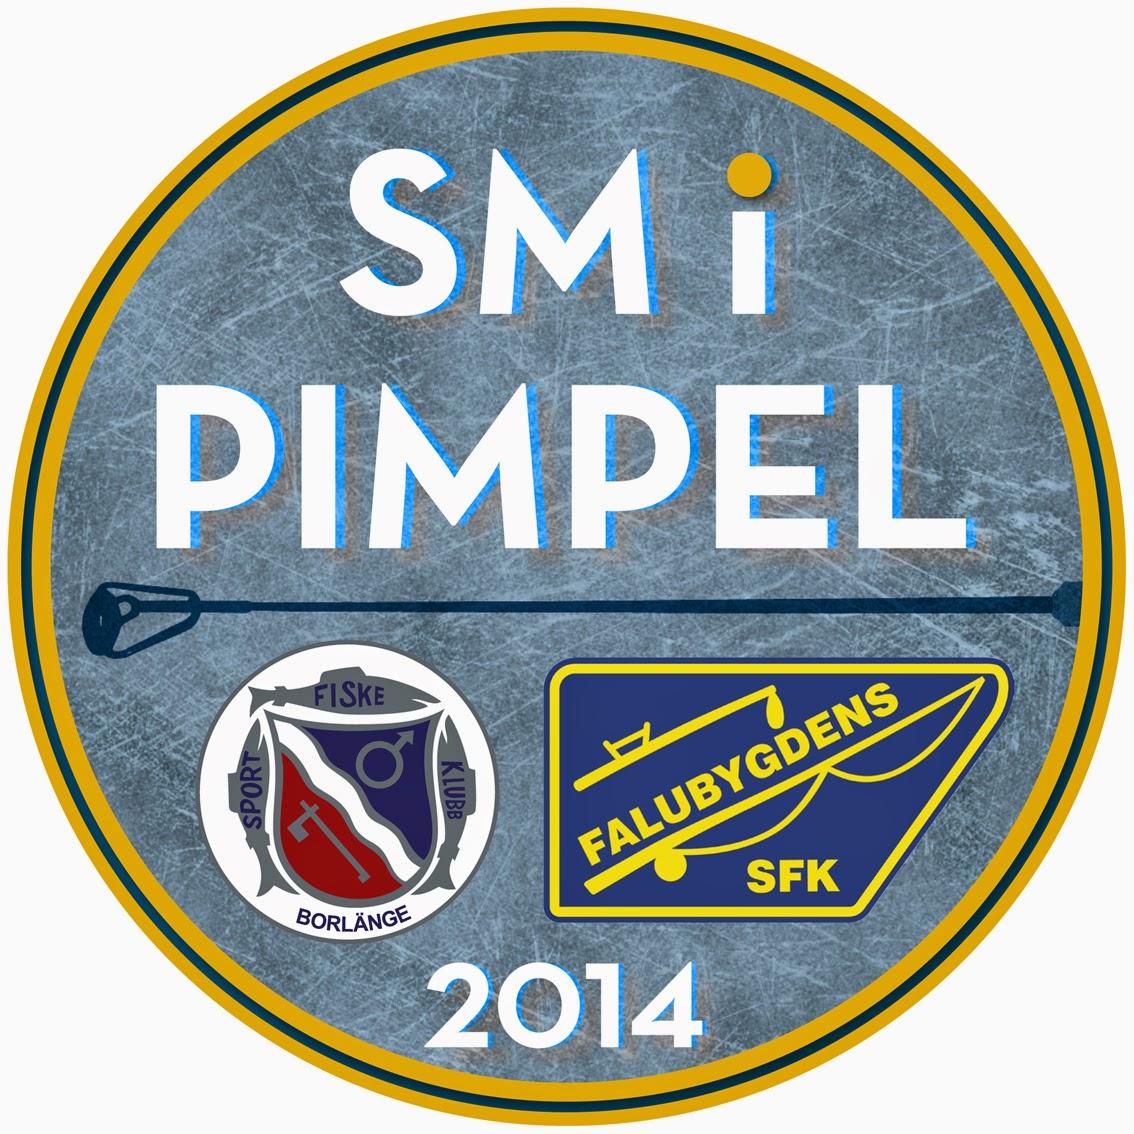 www.pimpelsm2014.se